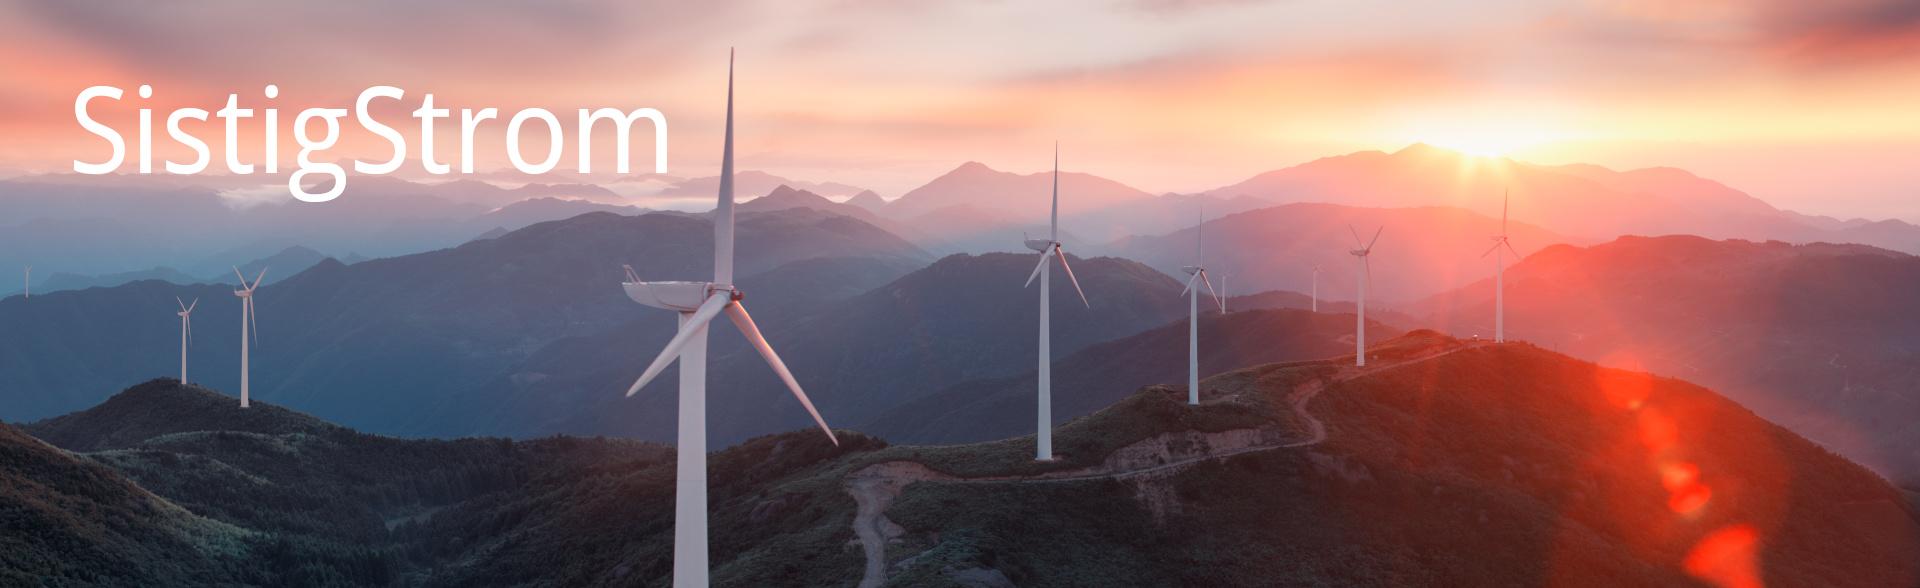 TitelBild Sistig Strom, Windräder im Sonnenaufgang in den Bergen